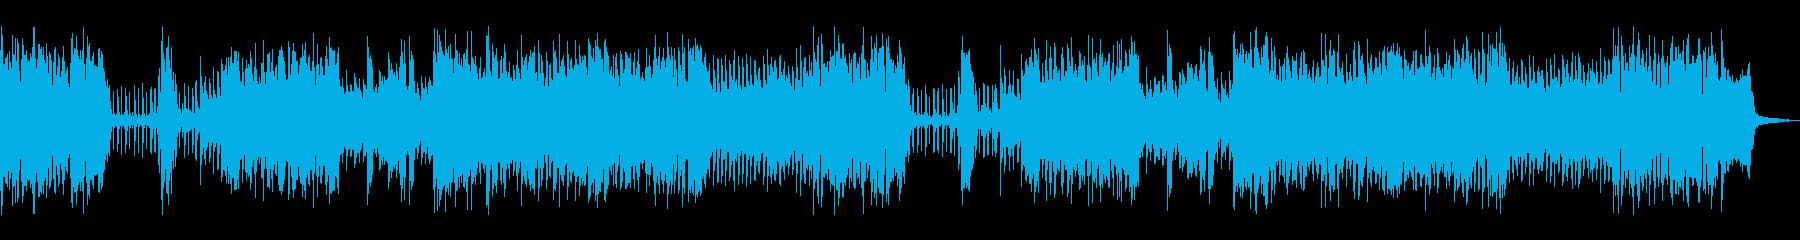 スパイイメージのレトロでジャジーな曲の再生済みの波形